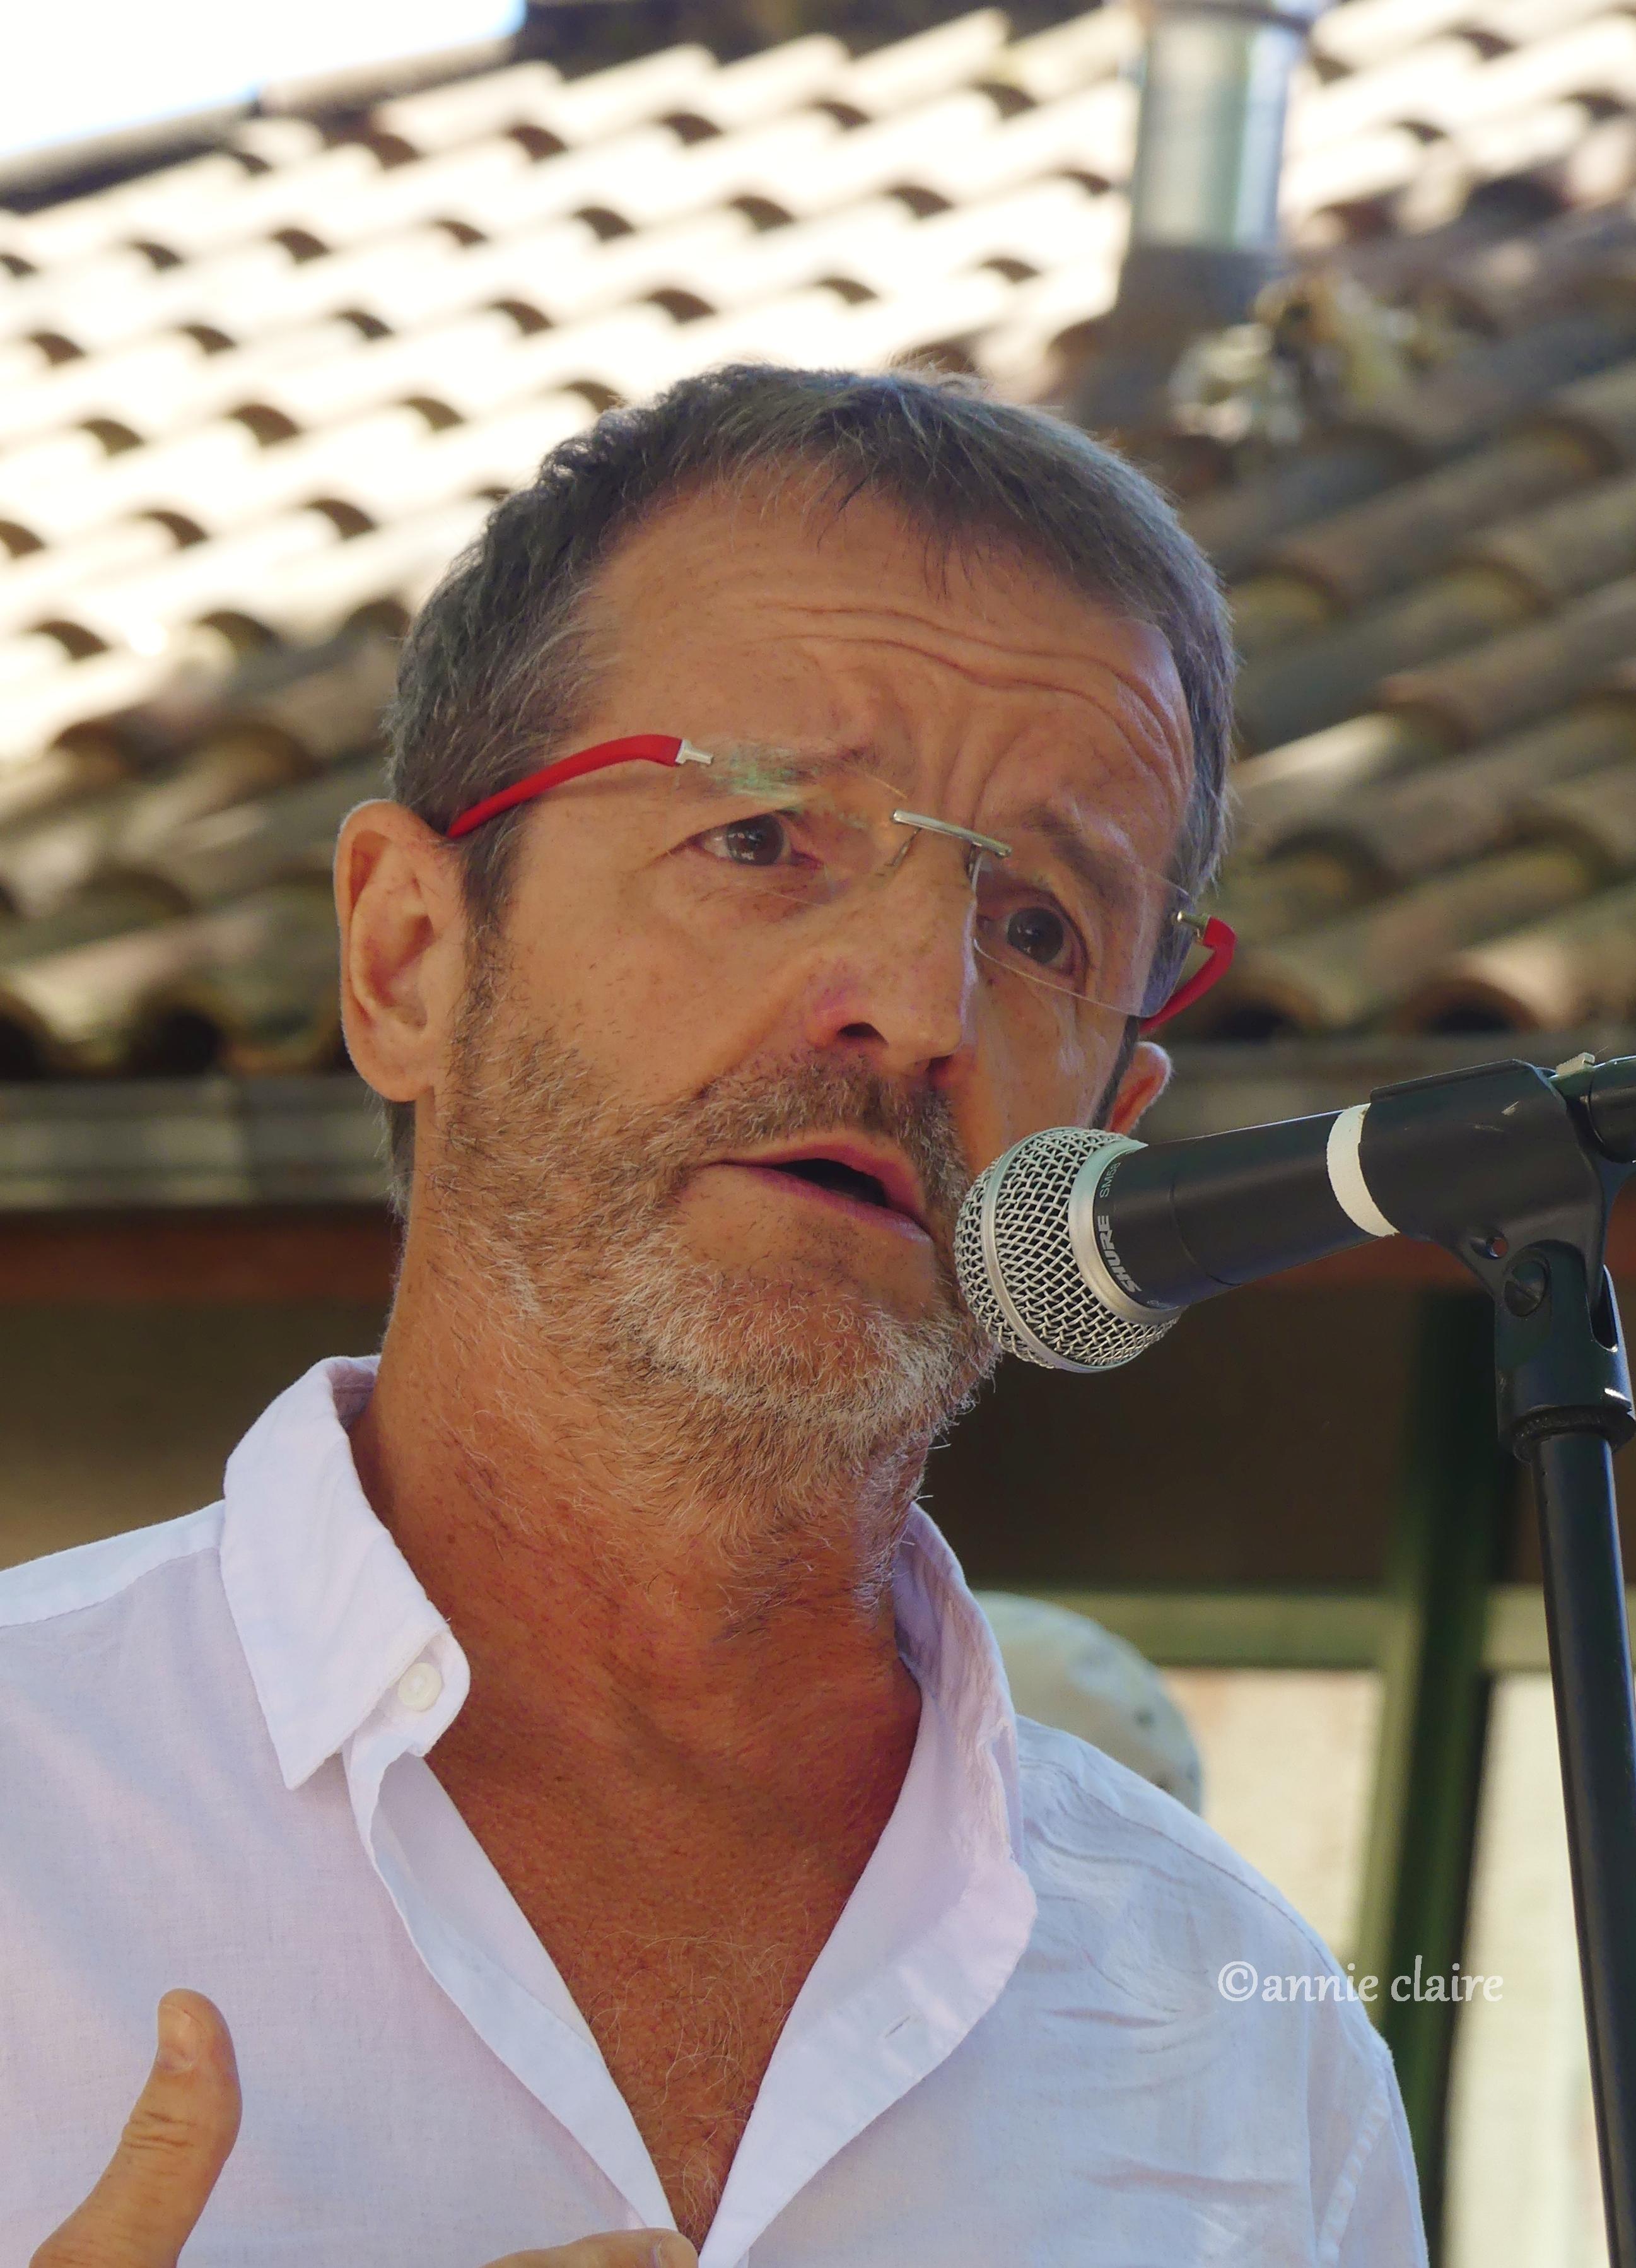 Jean-François Grandin ©annie claire 01.08.2016